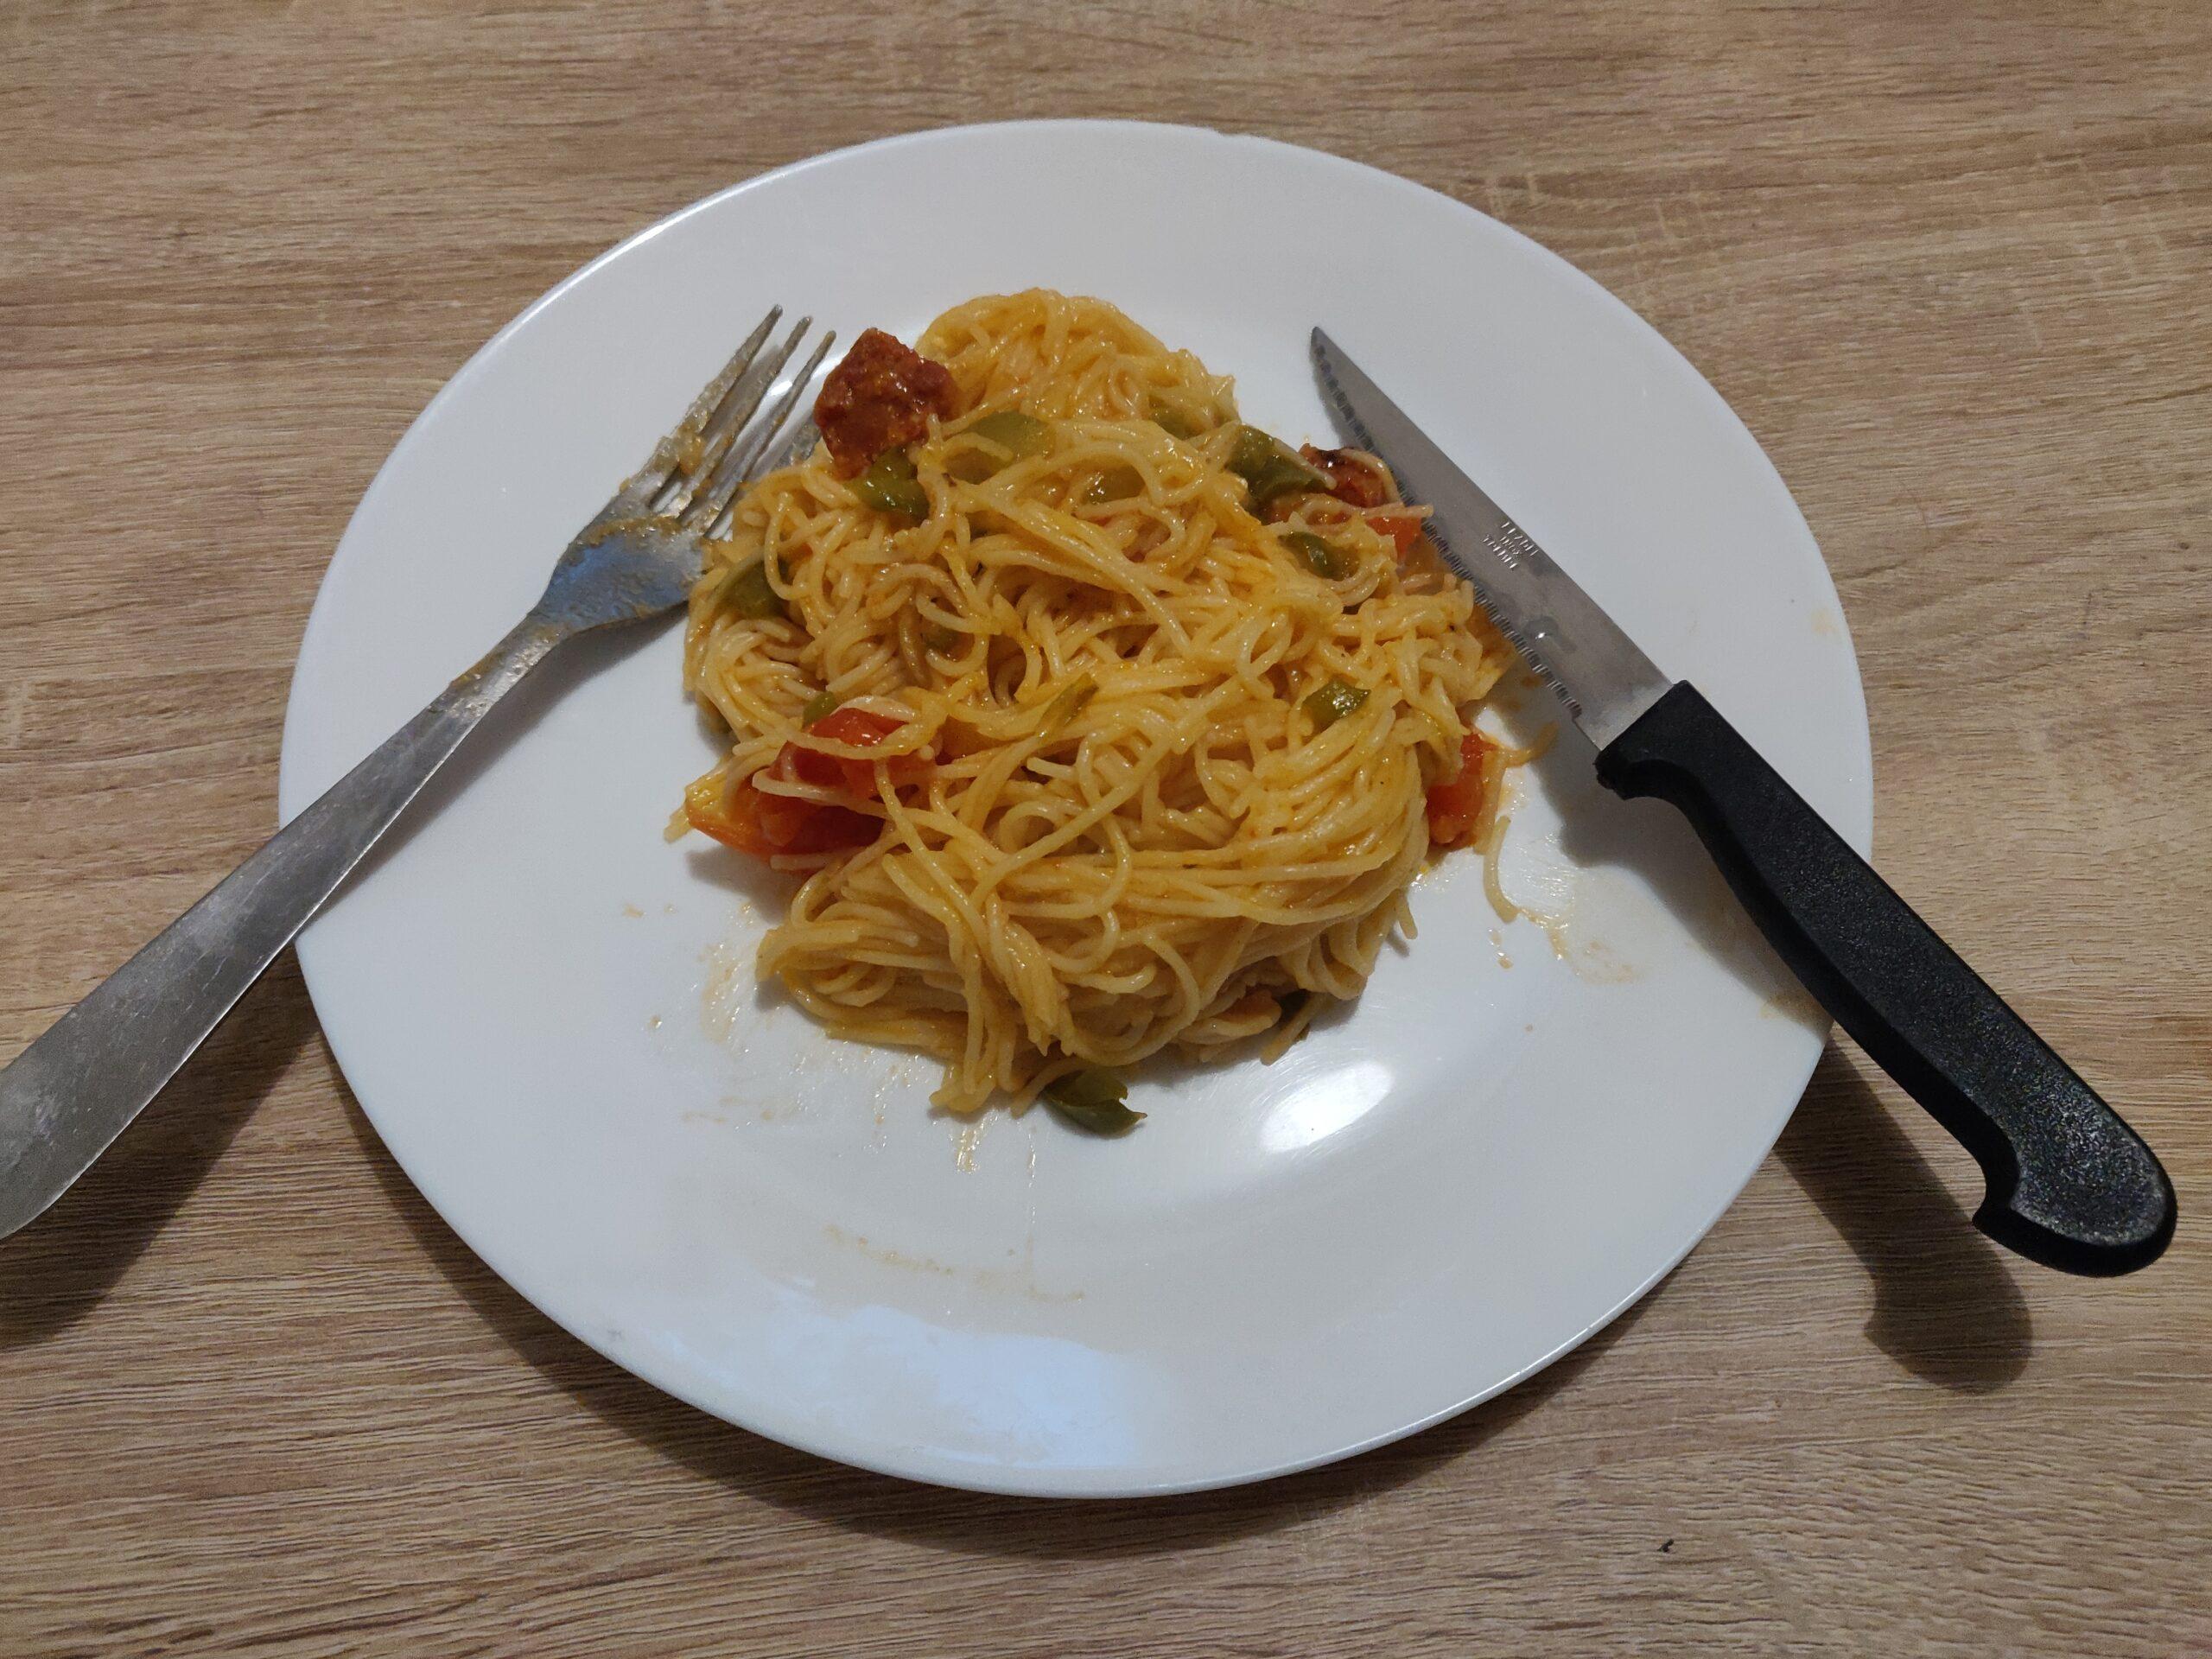 Au centre de l'image une assiette blanche, remplie de pâtes aux poivrons. Une fourchette est posée sur la gauche de la photo, un couteau, sur la droite.